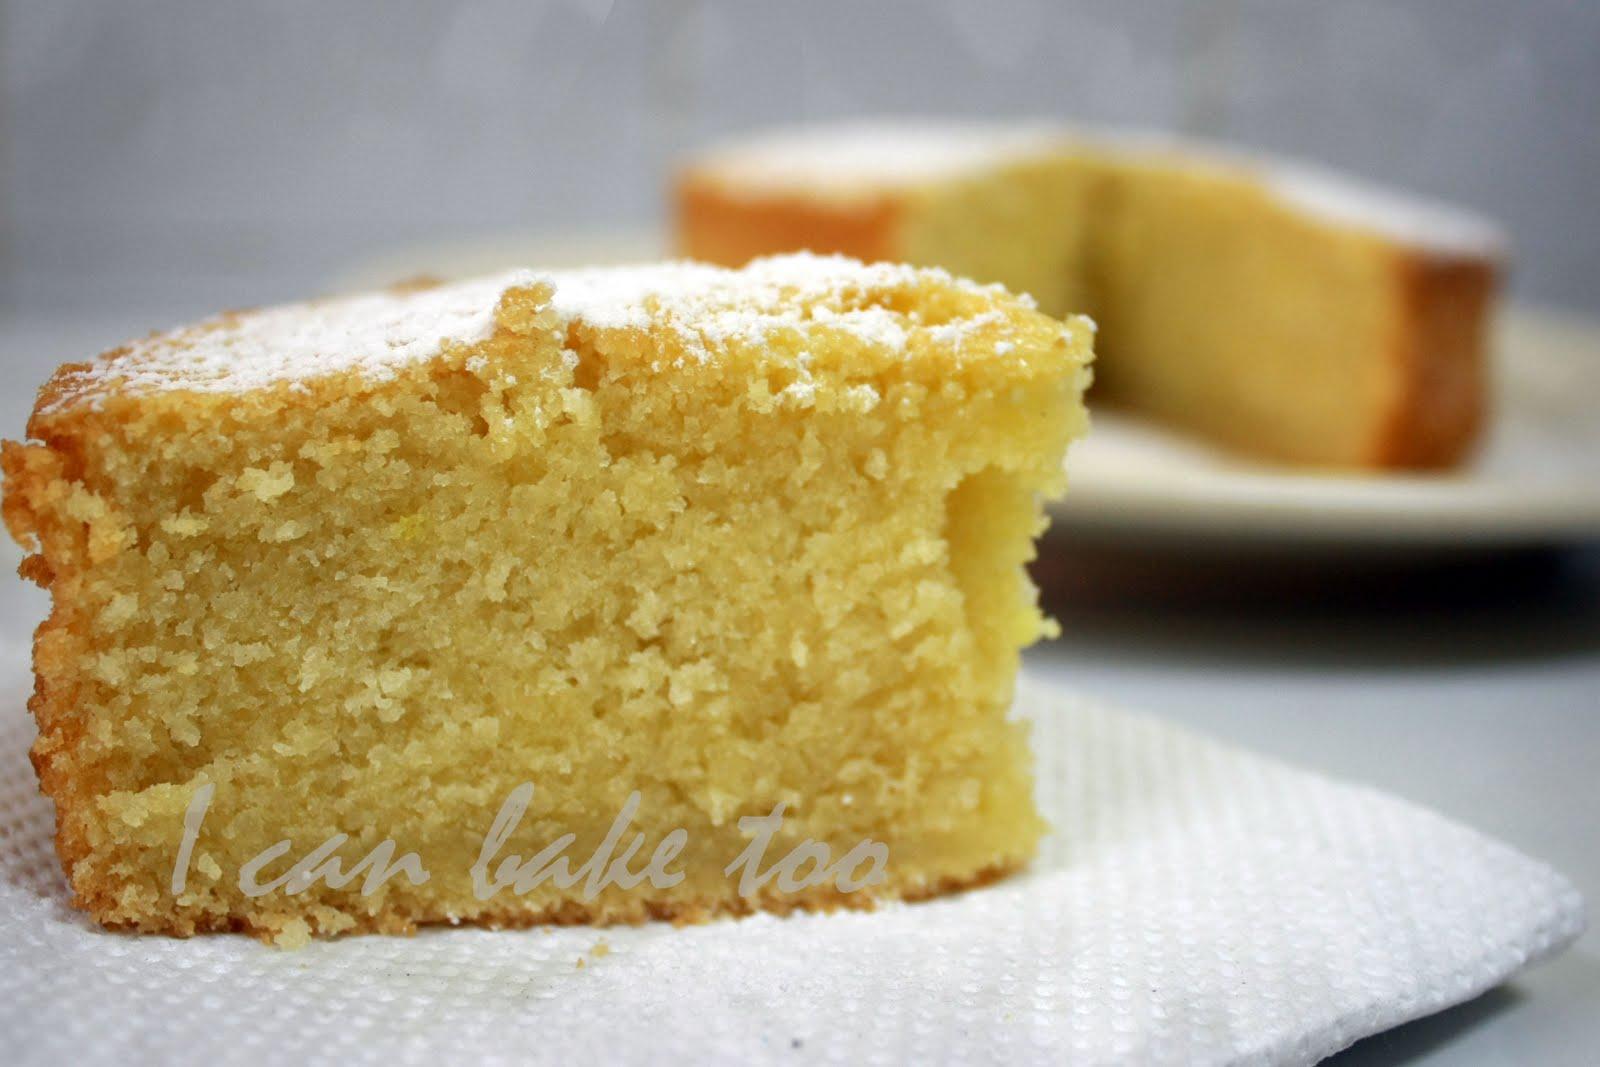 Recette Cake Sponge Strawberry Ingr Ef Bf Bddients